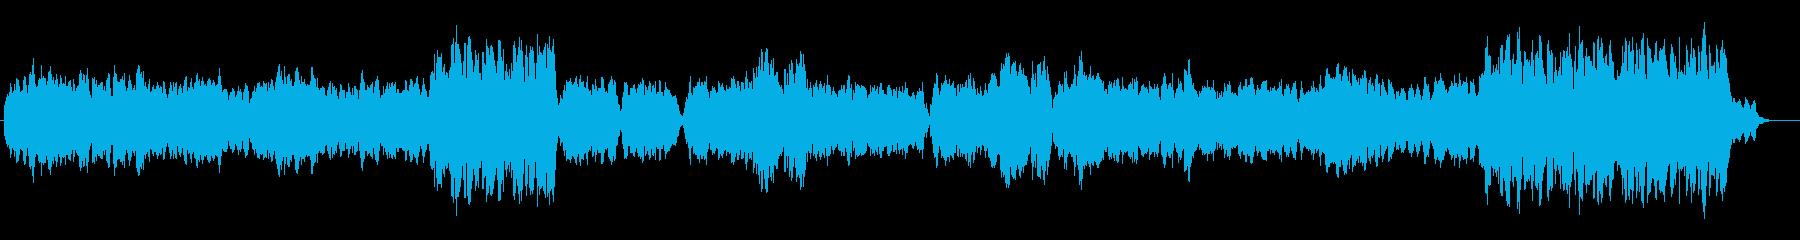 静かな旋律から力強く盛り上がる交響曲の再生済みの波形